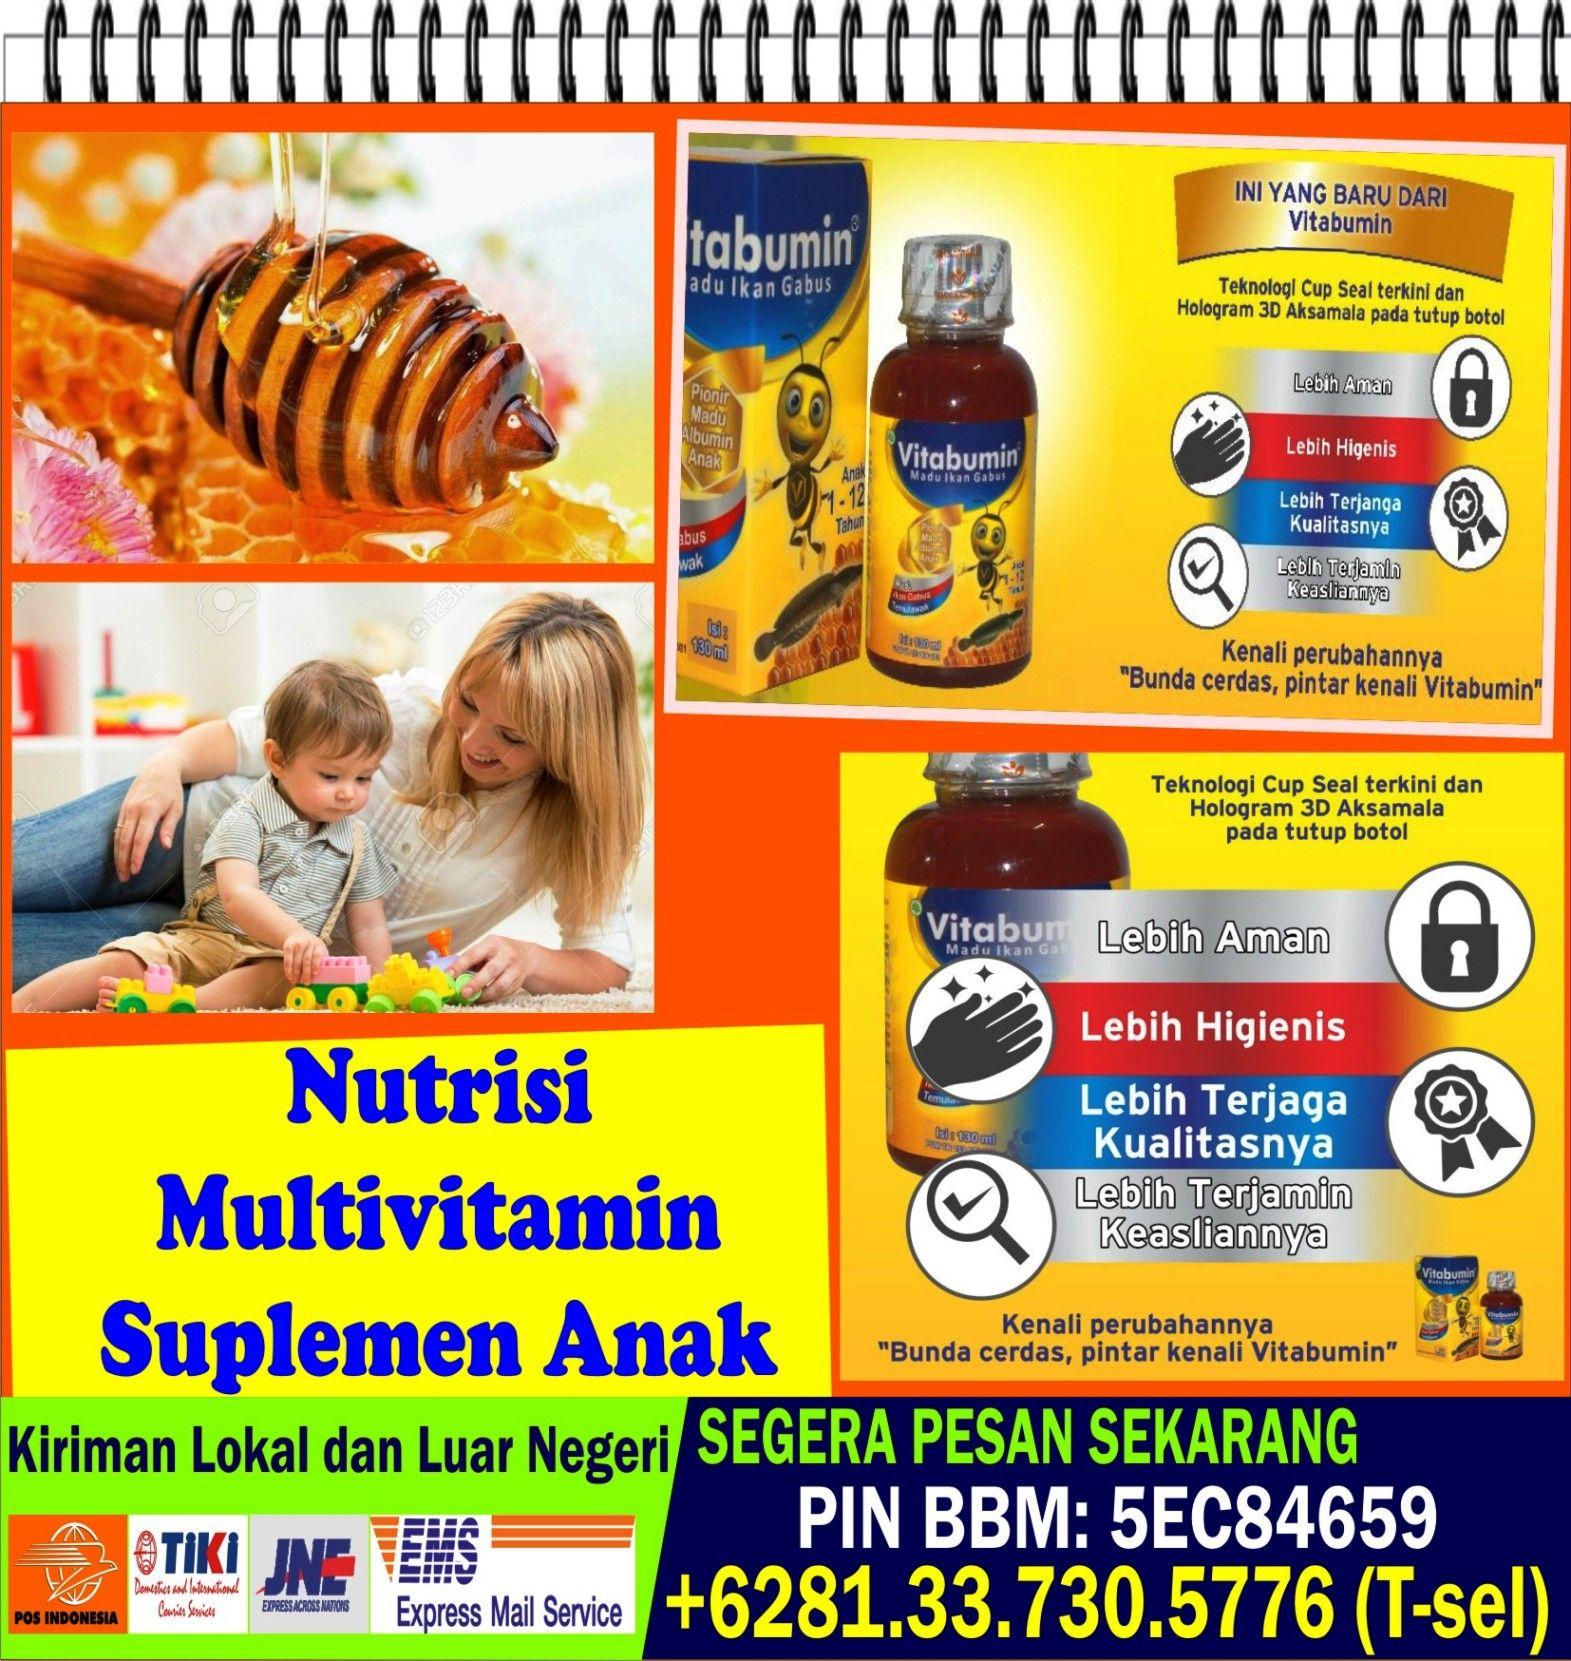 Vitamin Anak Untuk Otak, Vitamin Anak Susah Makan, Vitamin Anak Penambah Nafsu Makan, Vitamin Anak 1 Tahun, Vitamin Anak Untuk Daya Tahan Tubuh, Vitamin Anak Yg Bagus, Vitamin Anak Susah Mkn, Vitamin Anak Susah Makan Umur 1 Tahun, Vitamin Anak Susah Makan Umur 2 Tahun, Vitamin Anak Susah Makan Usia 1 Tahun